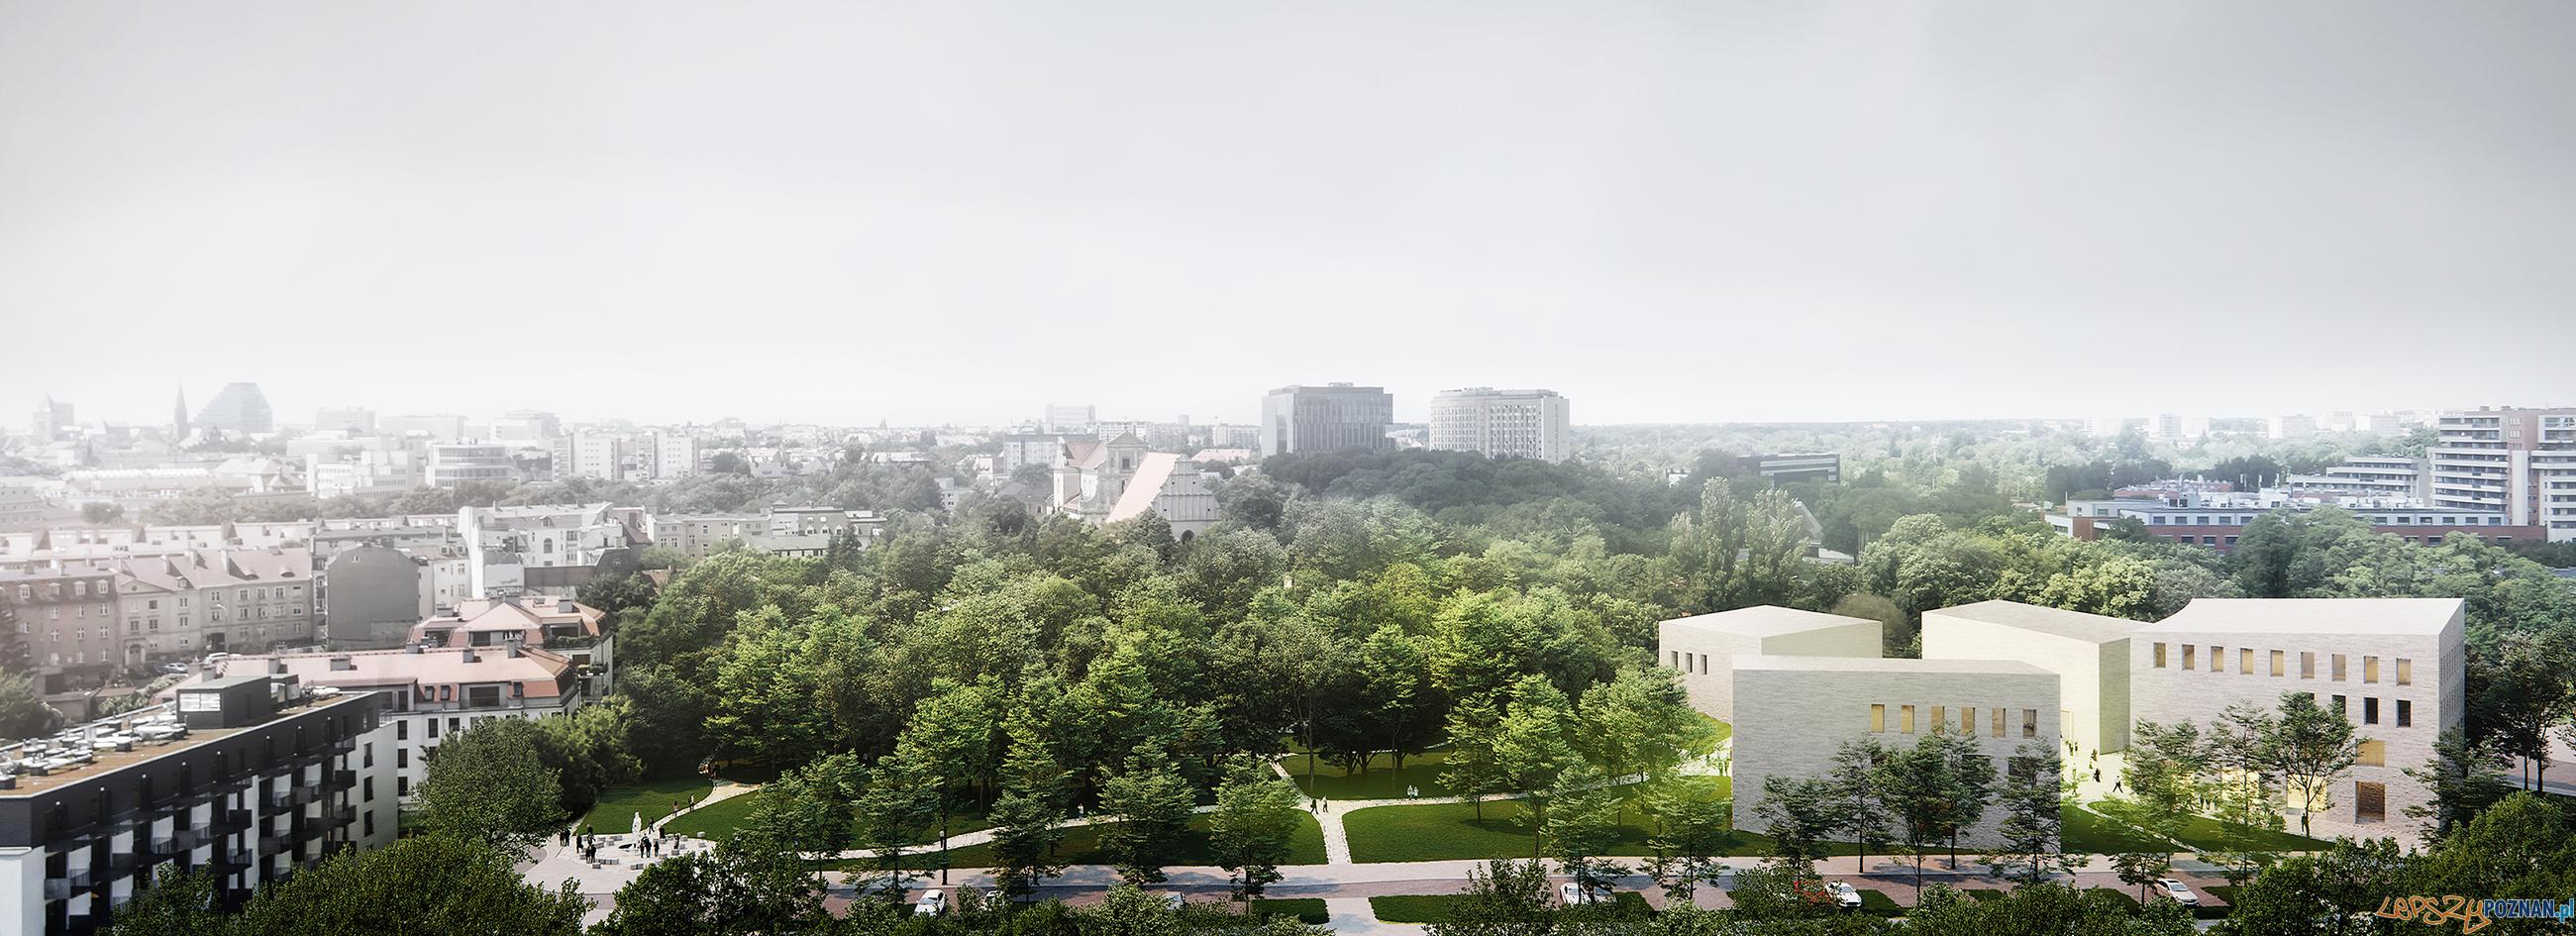 koncepcja nowej siedziby Muzeum Powstania Wielkopolskiego w Poznaniu PTAKA zmniejszony  Foto: materiały prasowe / WXCA